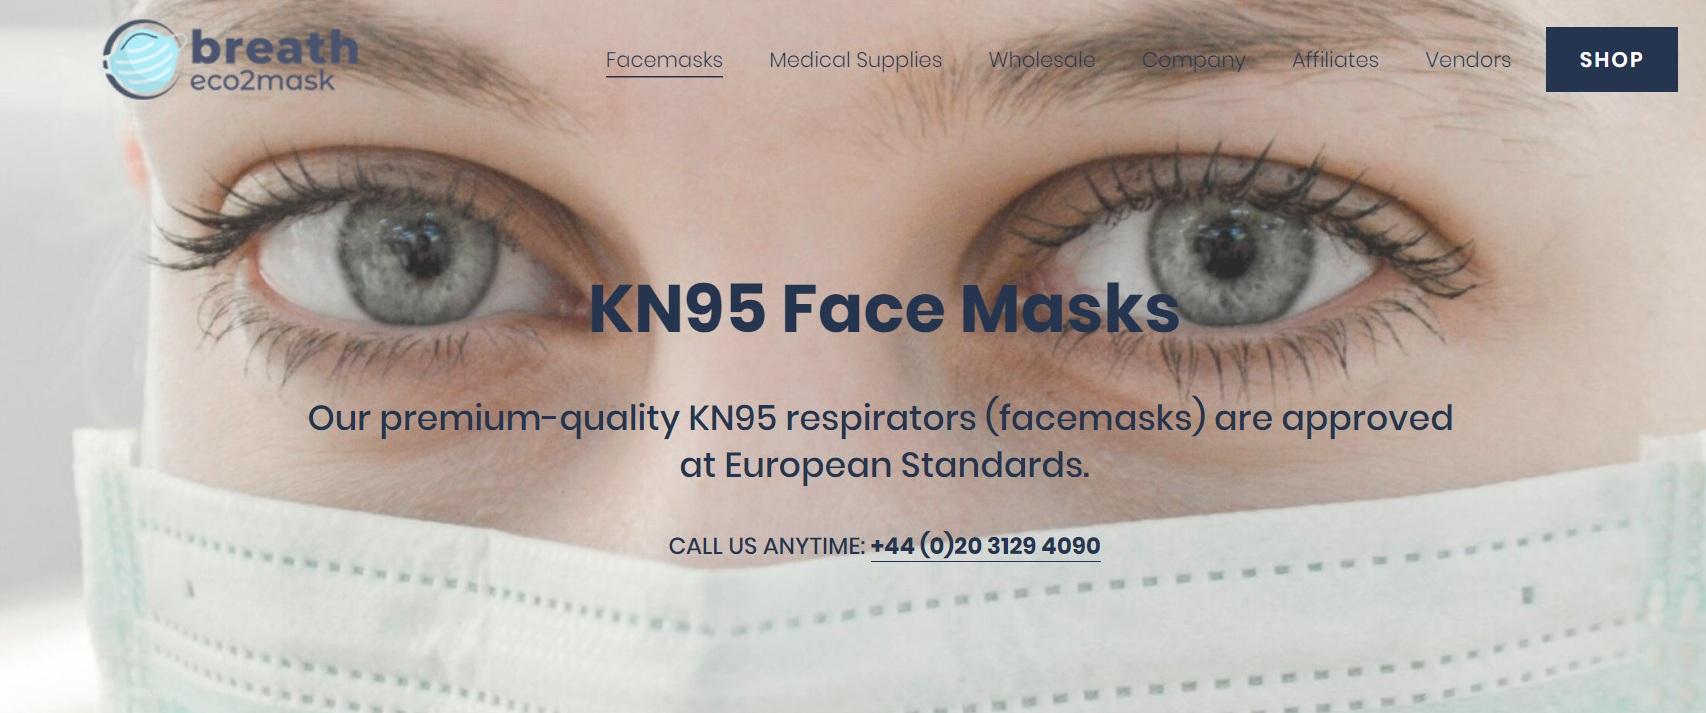 breath Eco2 Mask UK